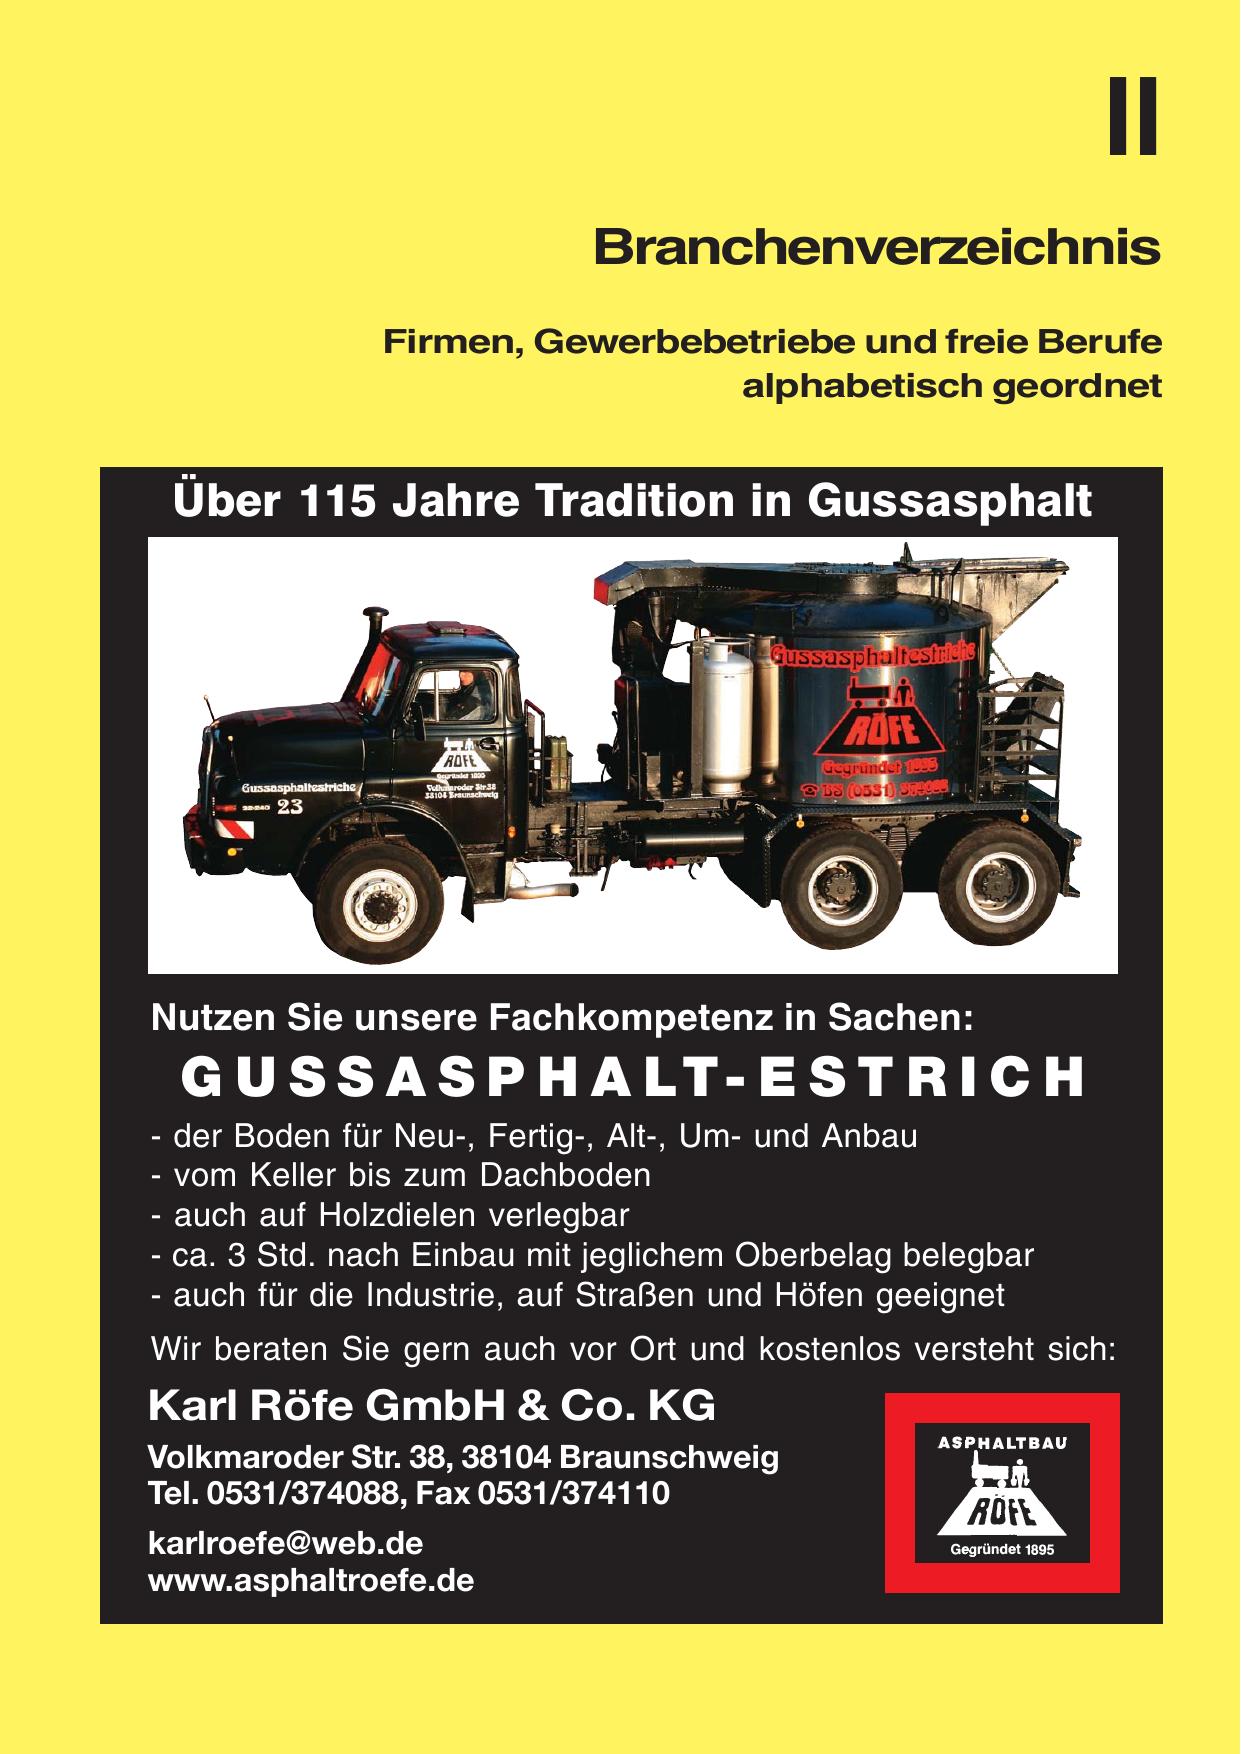 Branchenverzeichnis Braunschweig Manualzz Com